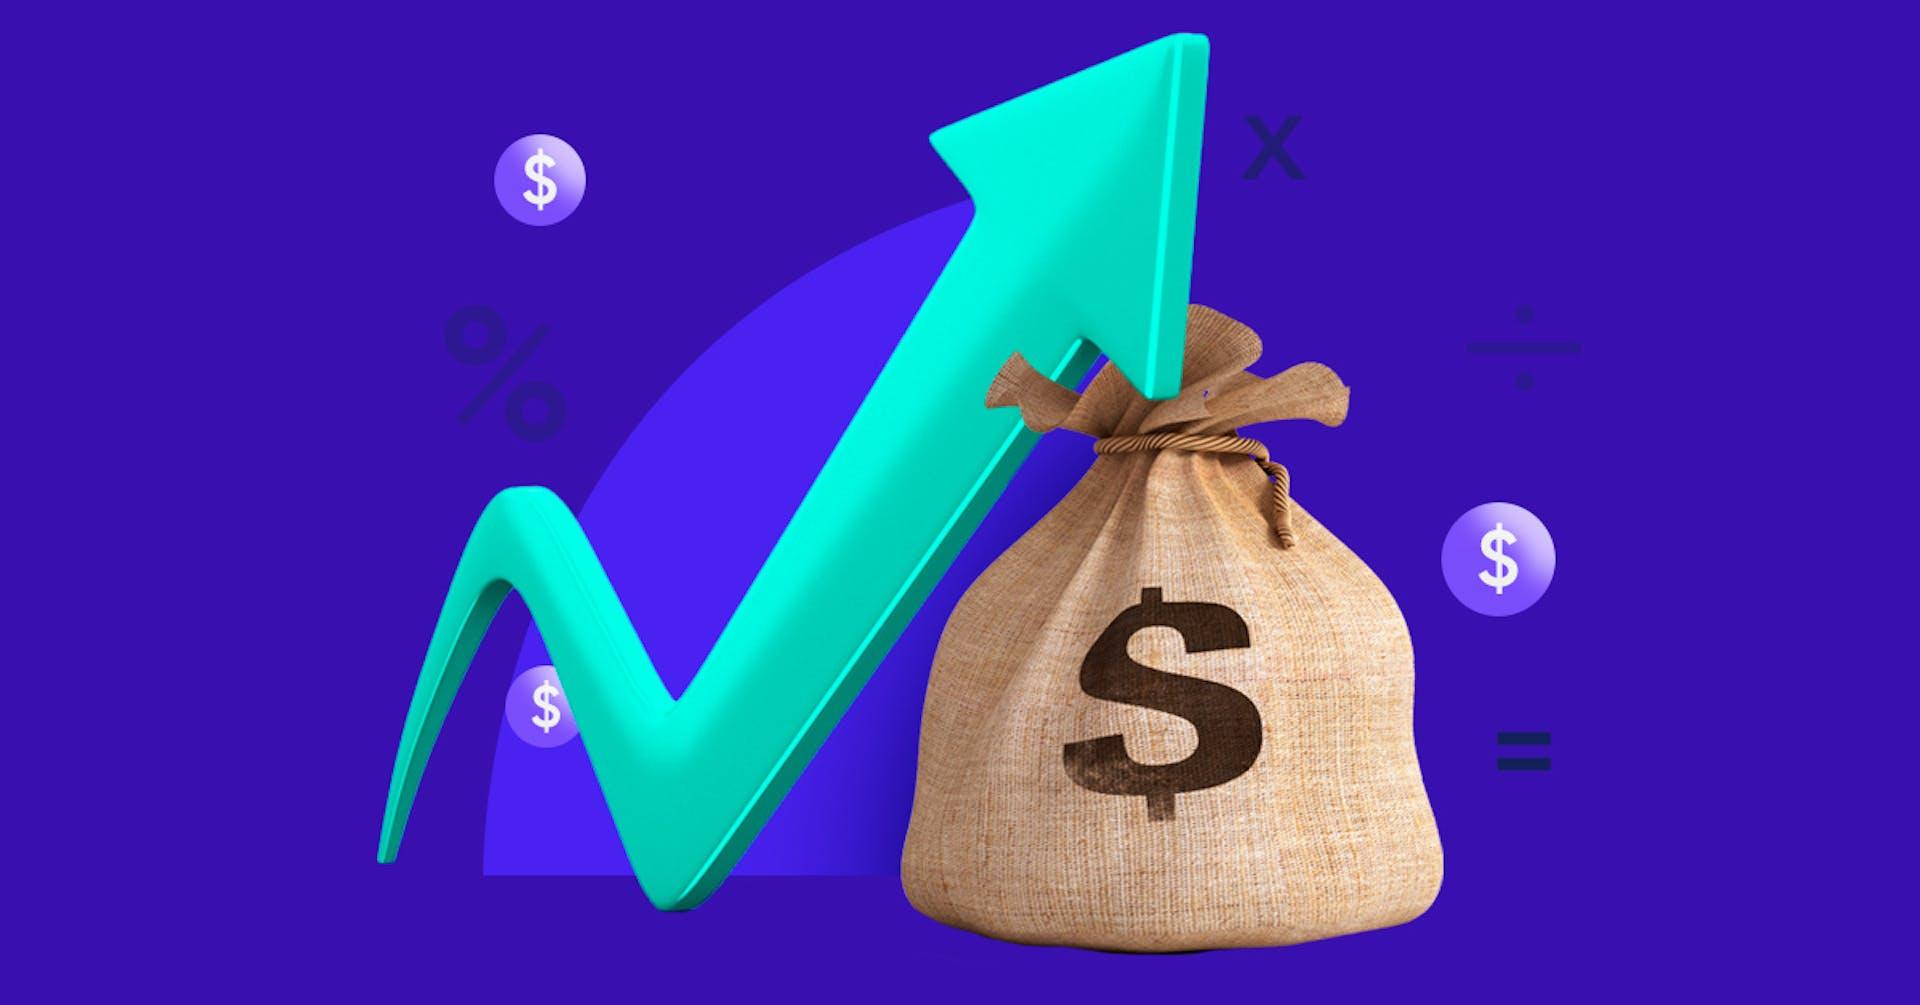 Aprende cómo calcular el índice de rentabilidad de cualquier proyecto e invierte sobre seguro